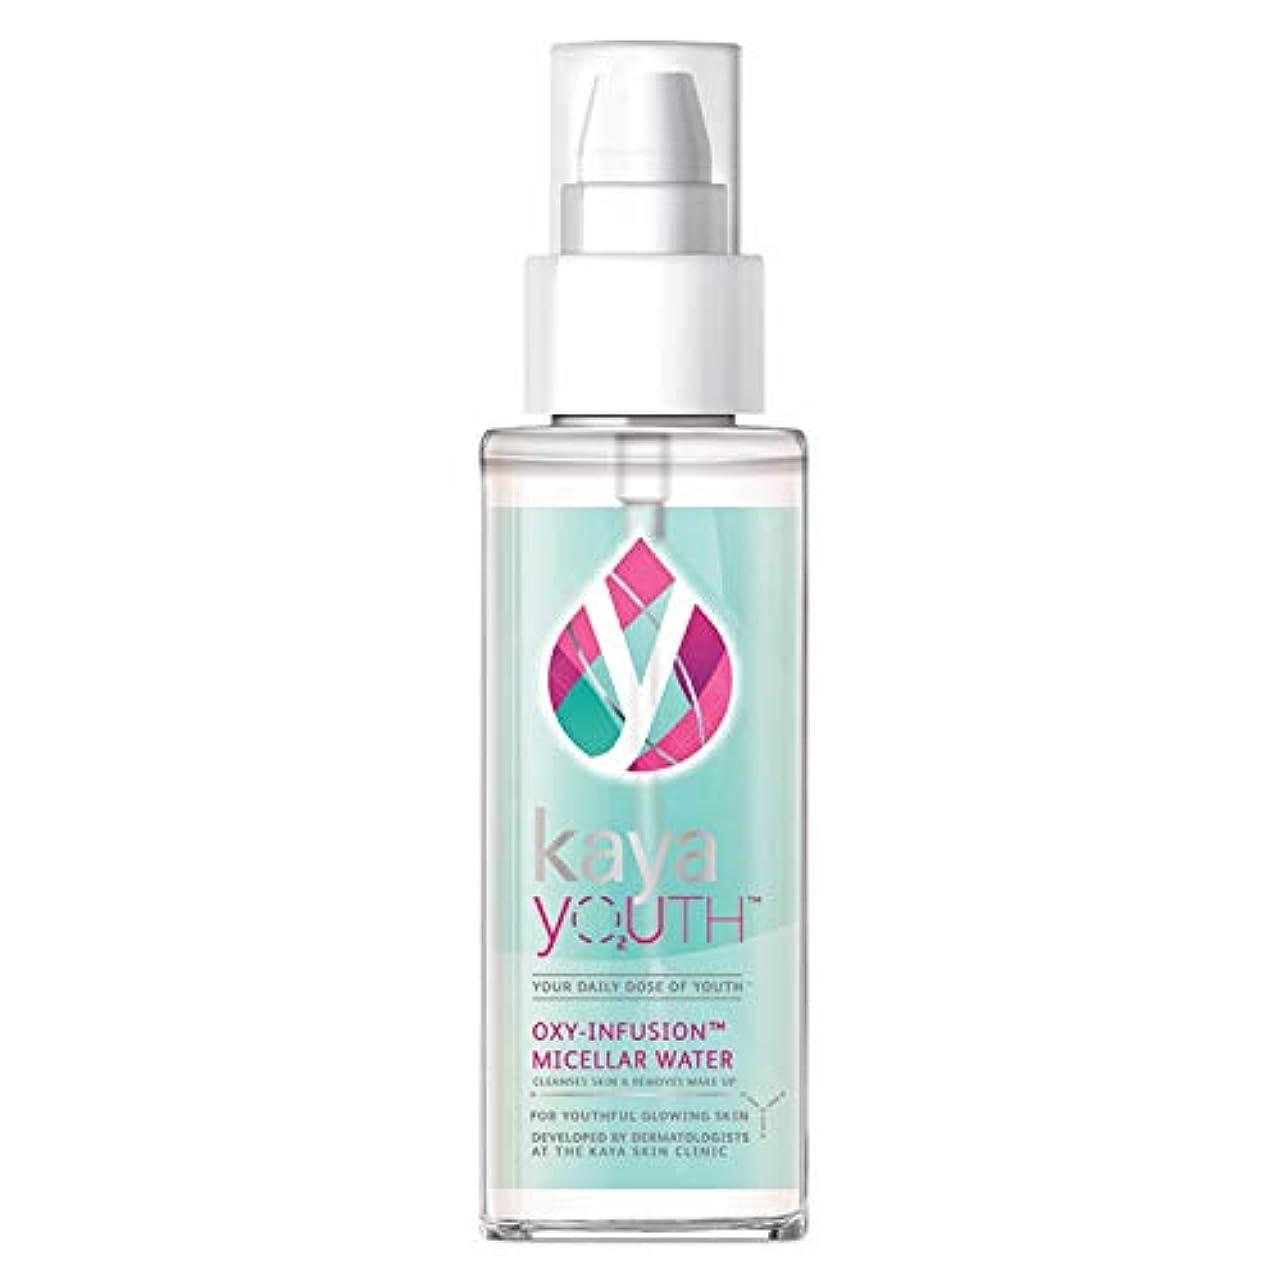 戦術郵便屋さん粘着性Kaya Youth O2 Oxy-Infusion Micellar Water, 100 ml - India